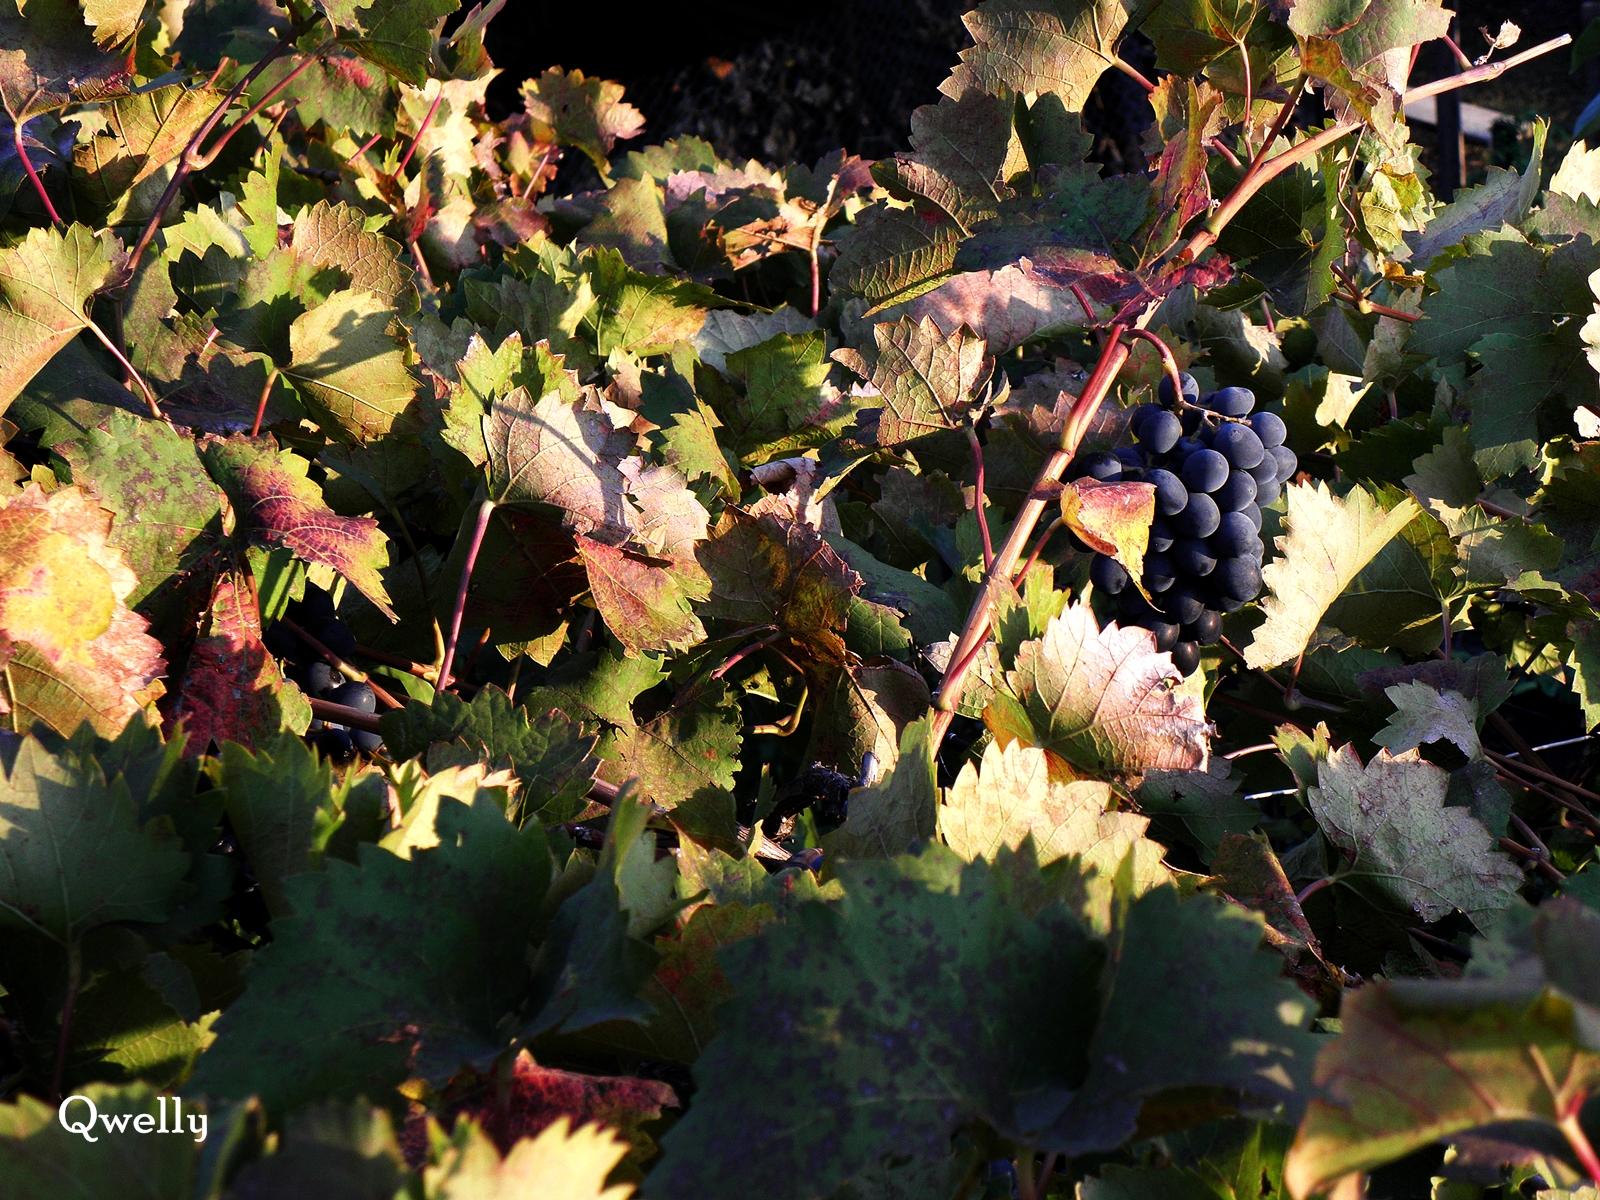 ვაზი, ვენახი, ვენახის ისტორია, მევენახოების მიმოხილვა, მევენახოების სახელმძღვანელო, ვაზი, ქველი, რთველი, qwelly, mevenaxeoba, mevenaxoebis saxelmdzgvanelo, vazi, wine, mevenaxoebis mimoxilva